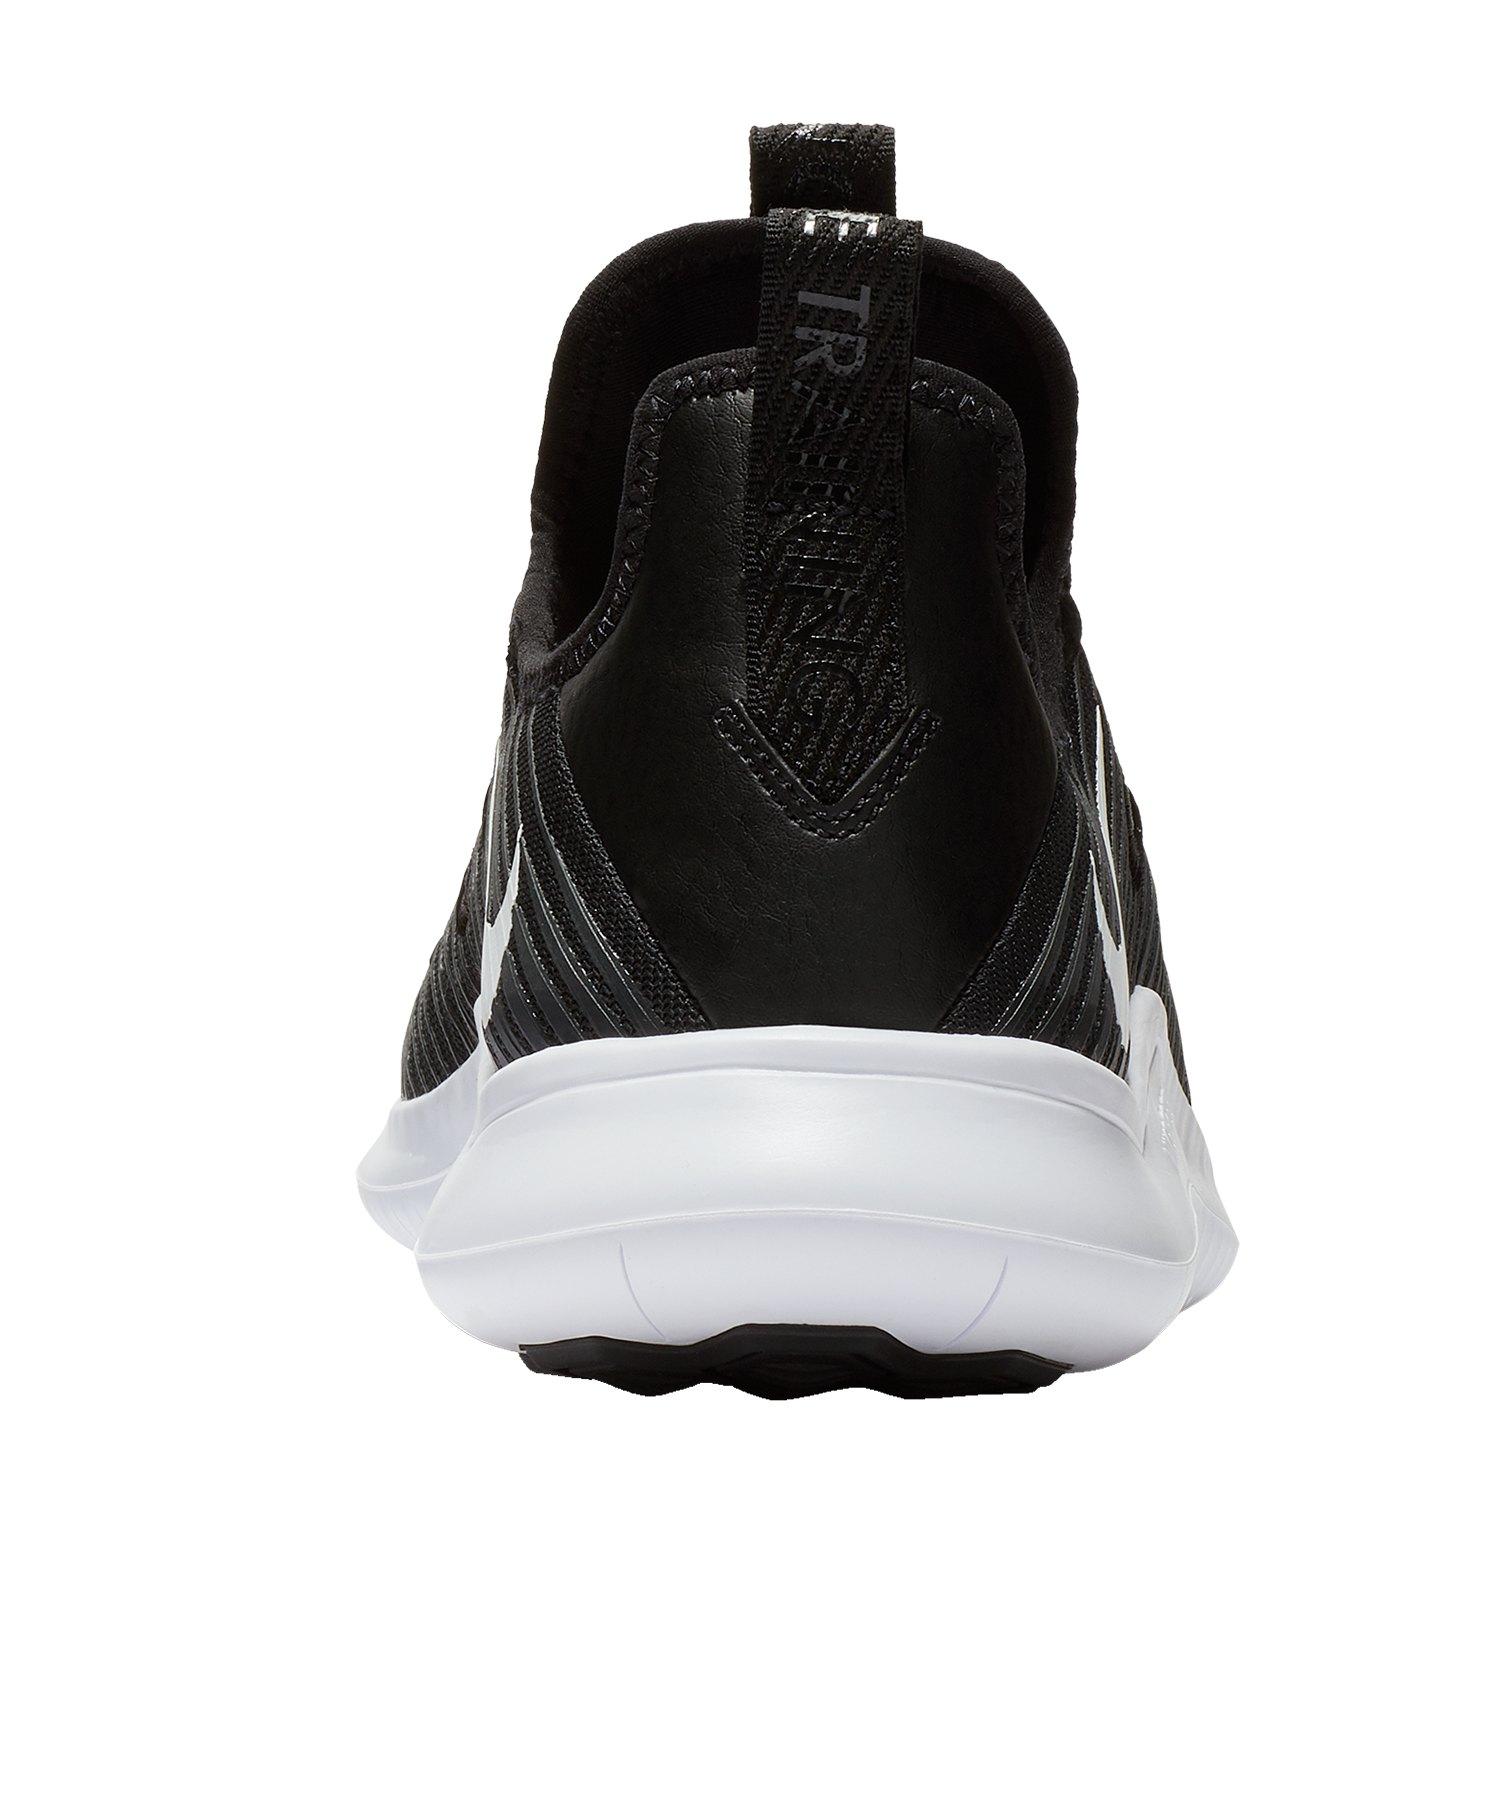 quality design 15896 85956 ... Nike Free TR 9 Training Schwarz Weiss F010 - schwarz ...